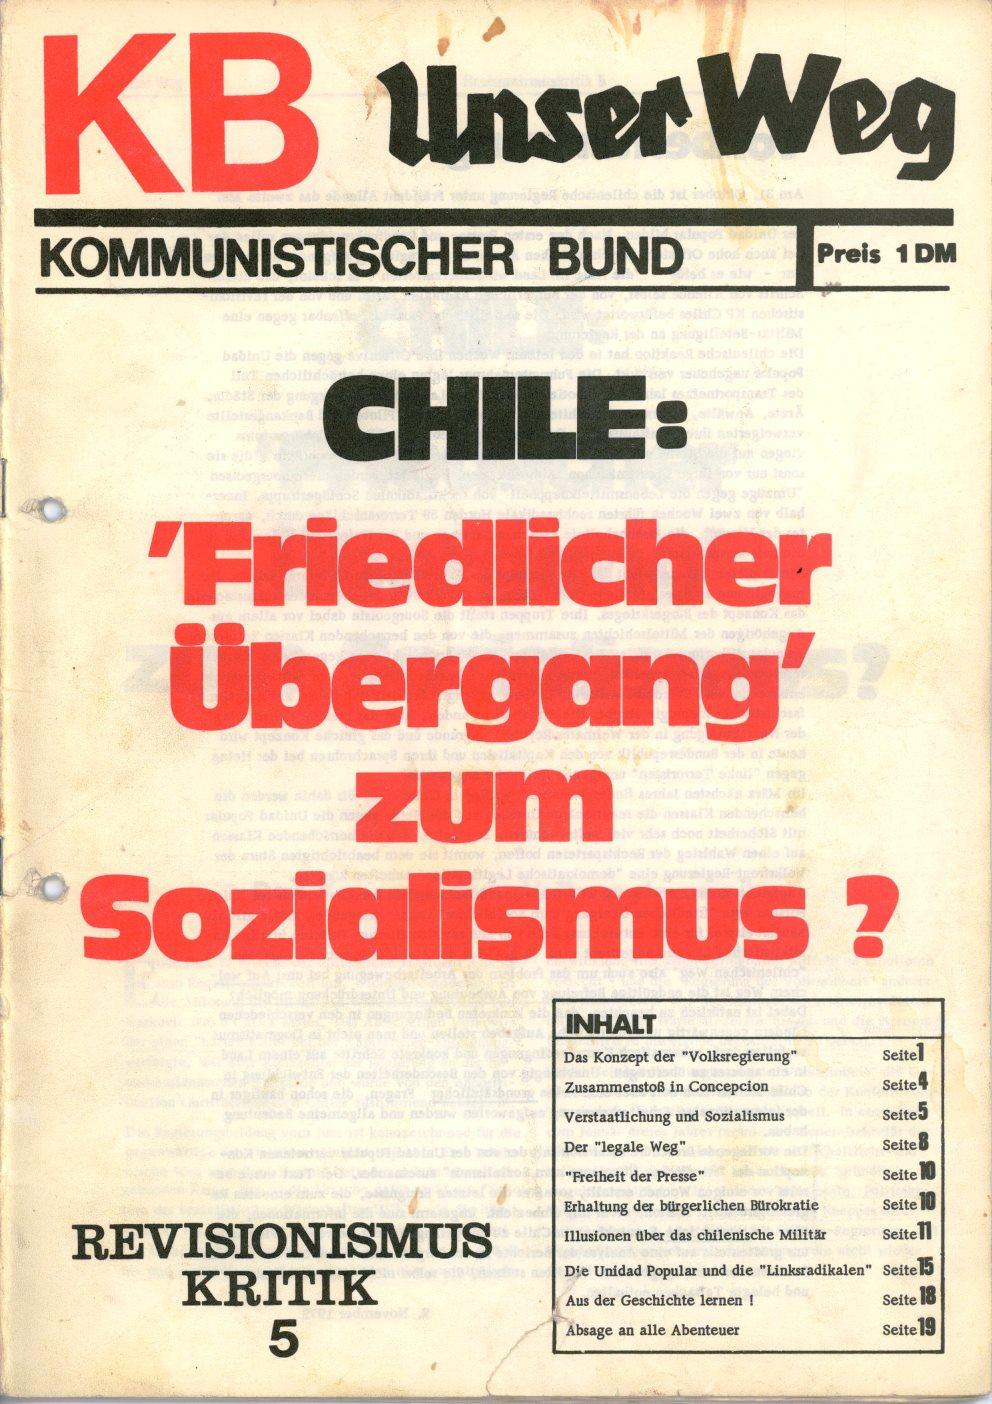 KB_Unser_Weg_1972_Chile_01